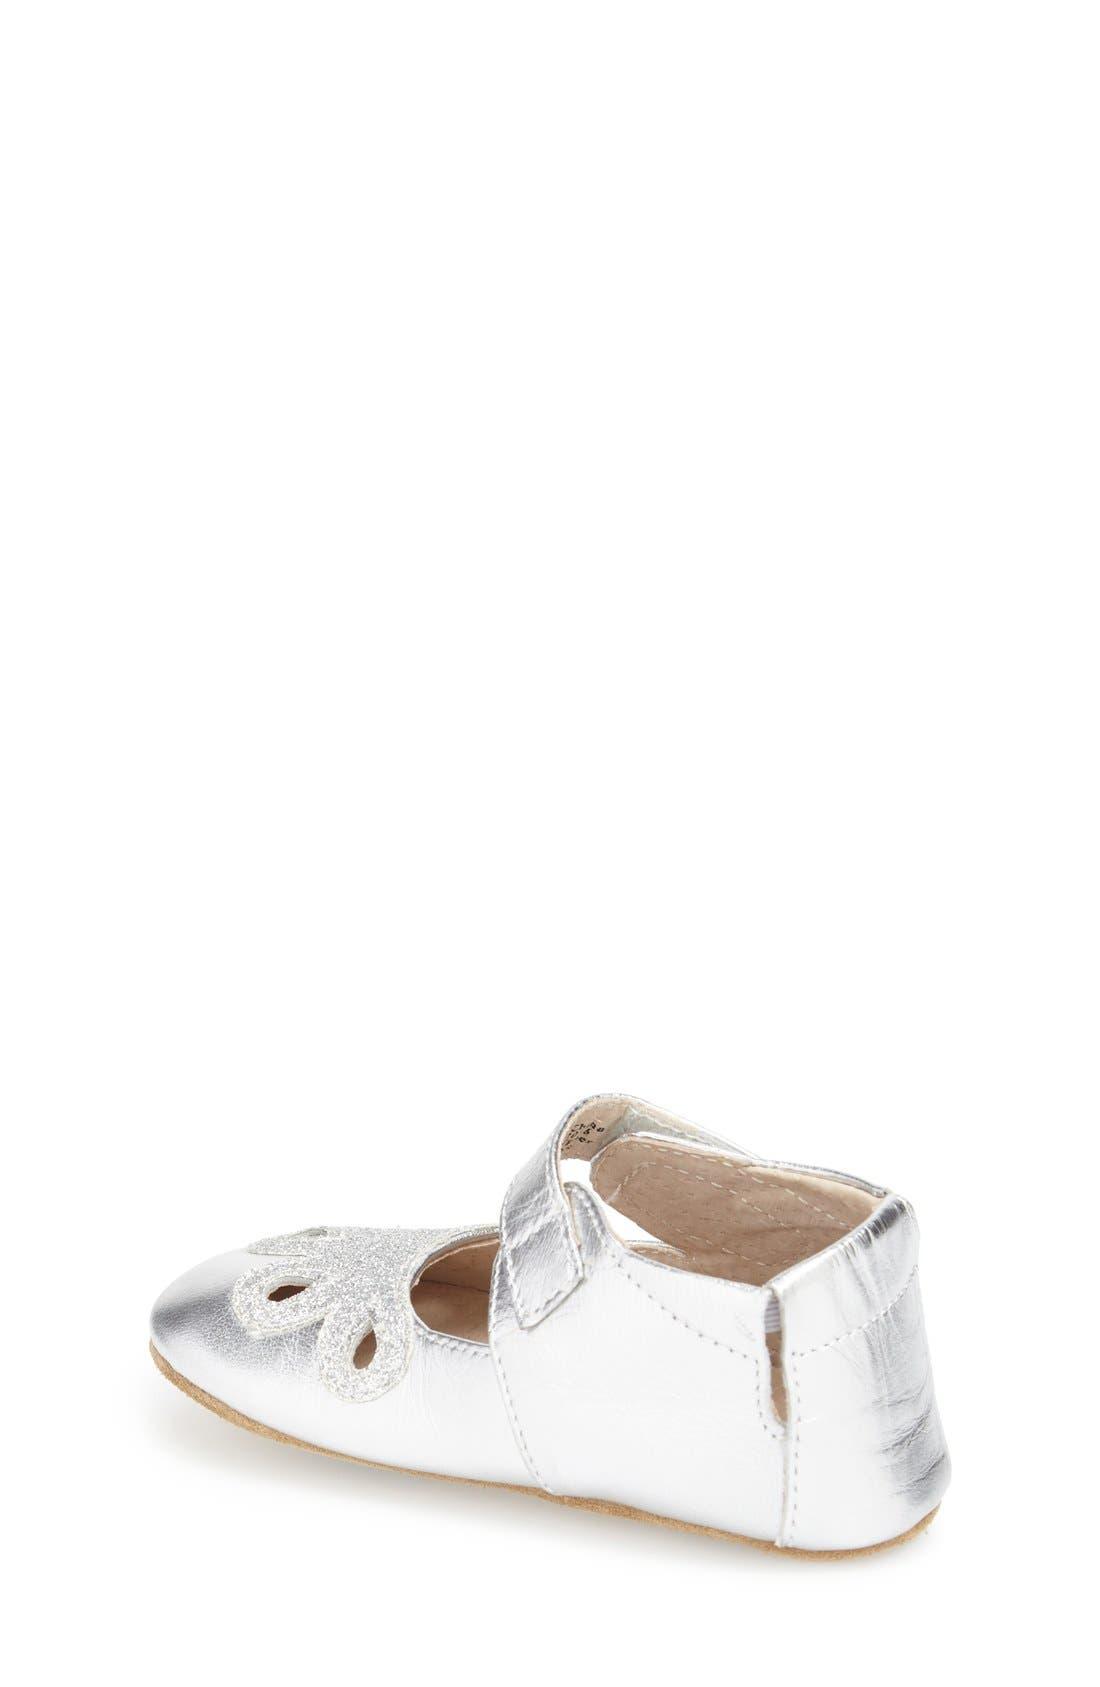 'Petal' Mary Jane Crib Shoe,                             Alternate thumbnail 2, color,                             Platinum